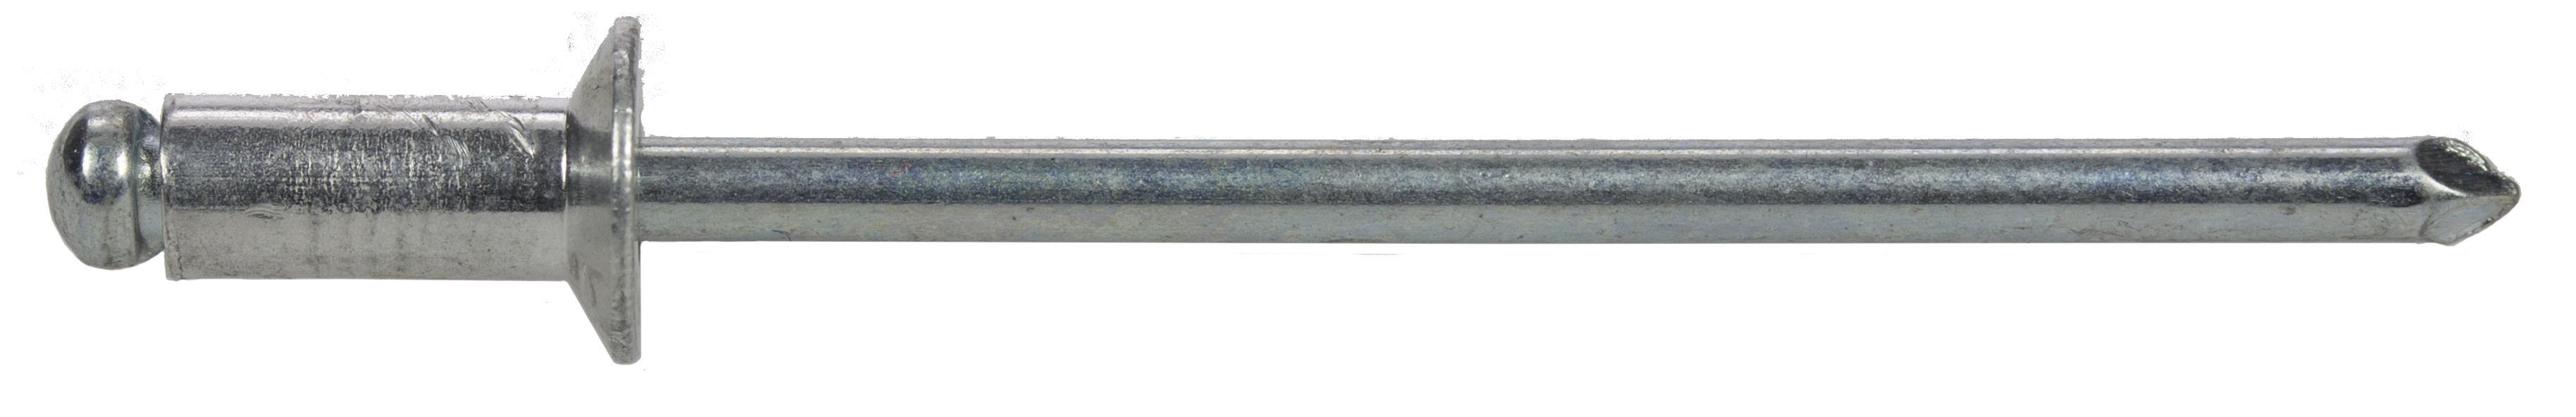 Ejot 130662 Blindnit försänkt AL/STFS 40X14 mm 500-pack